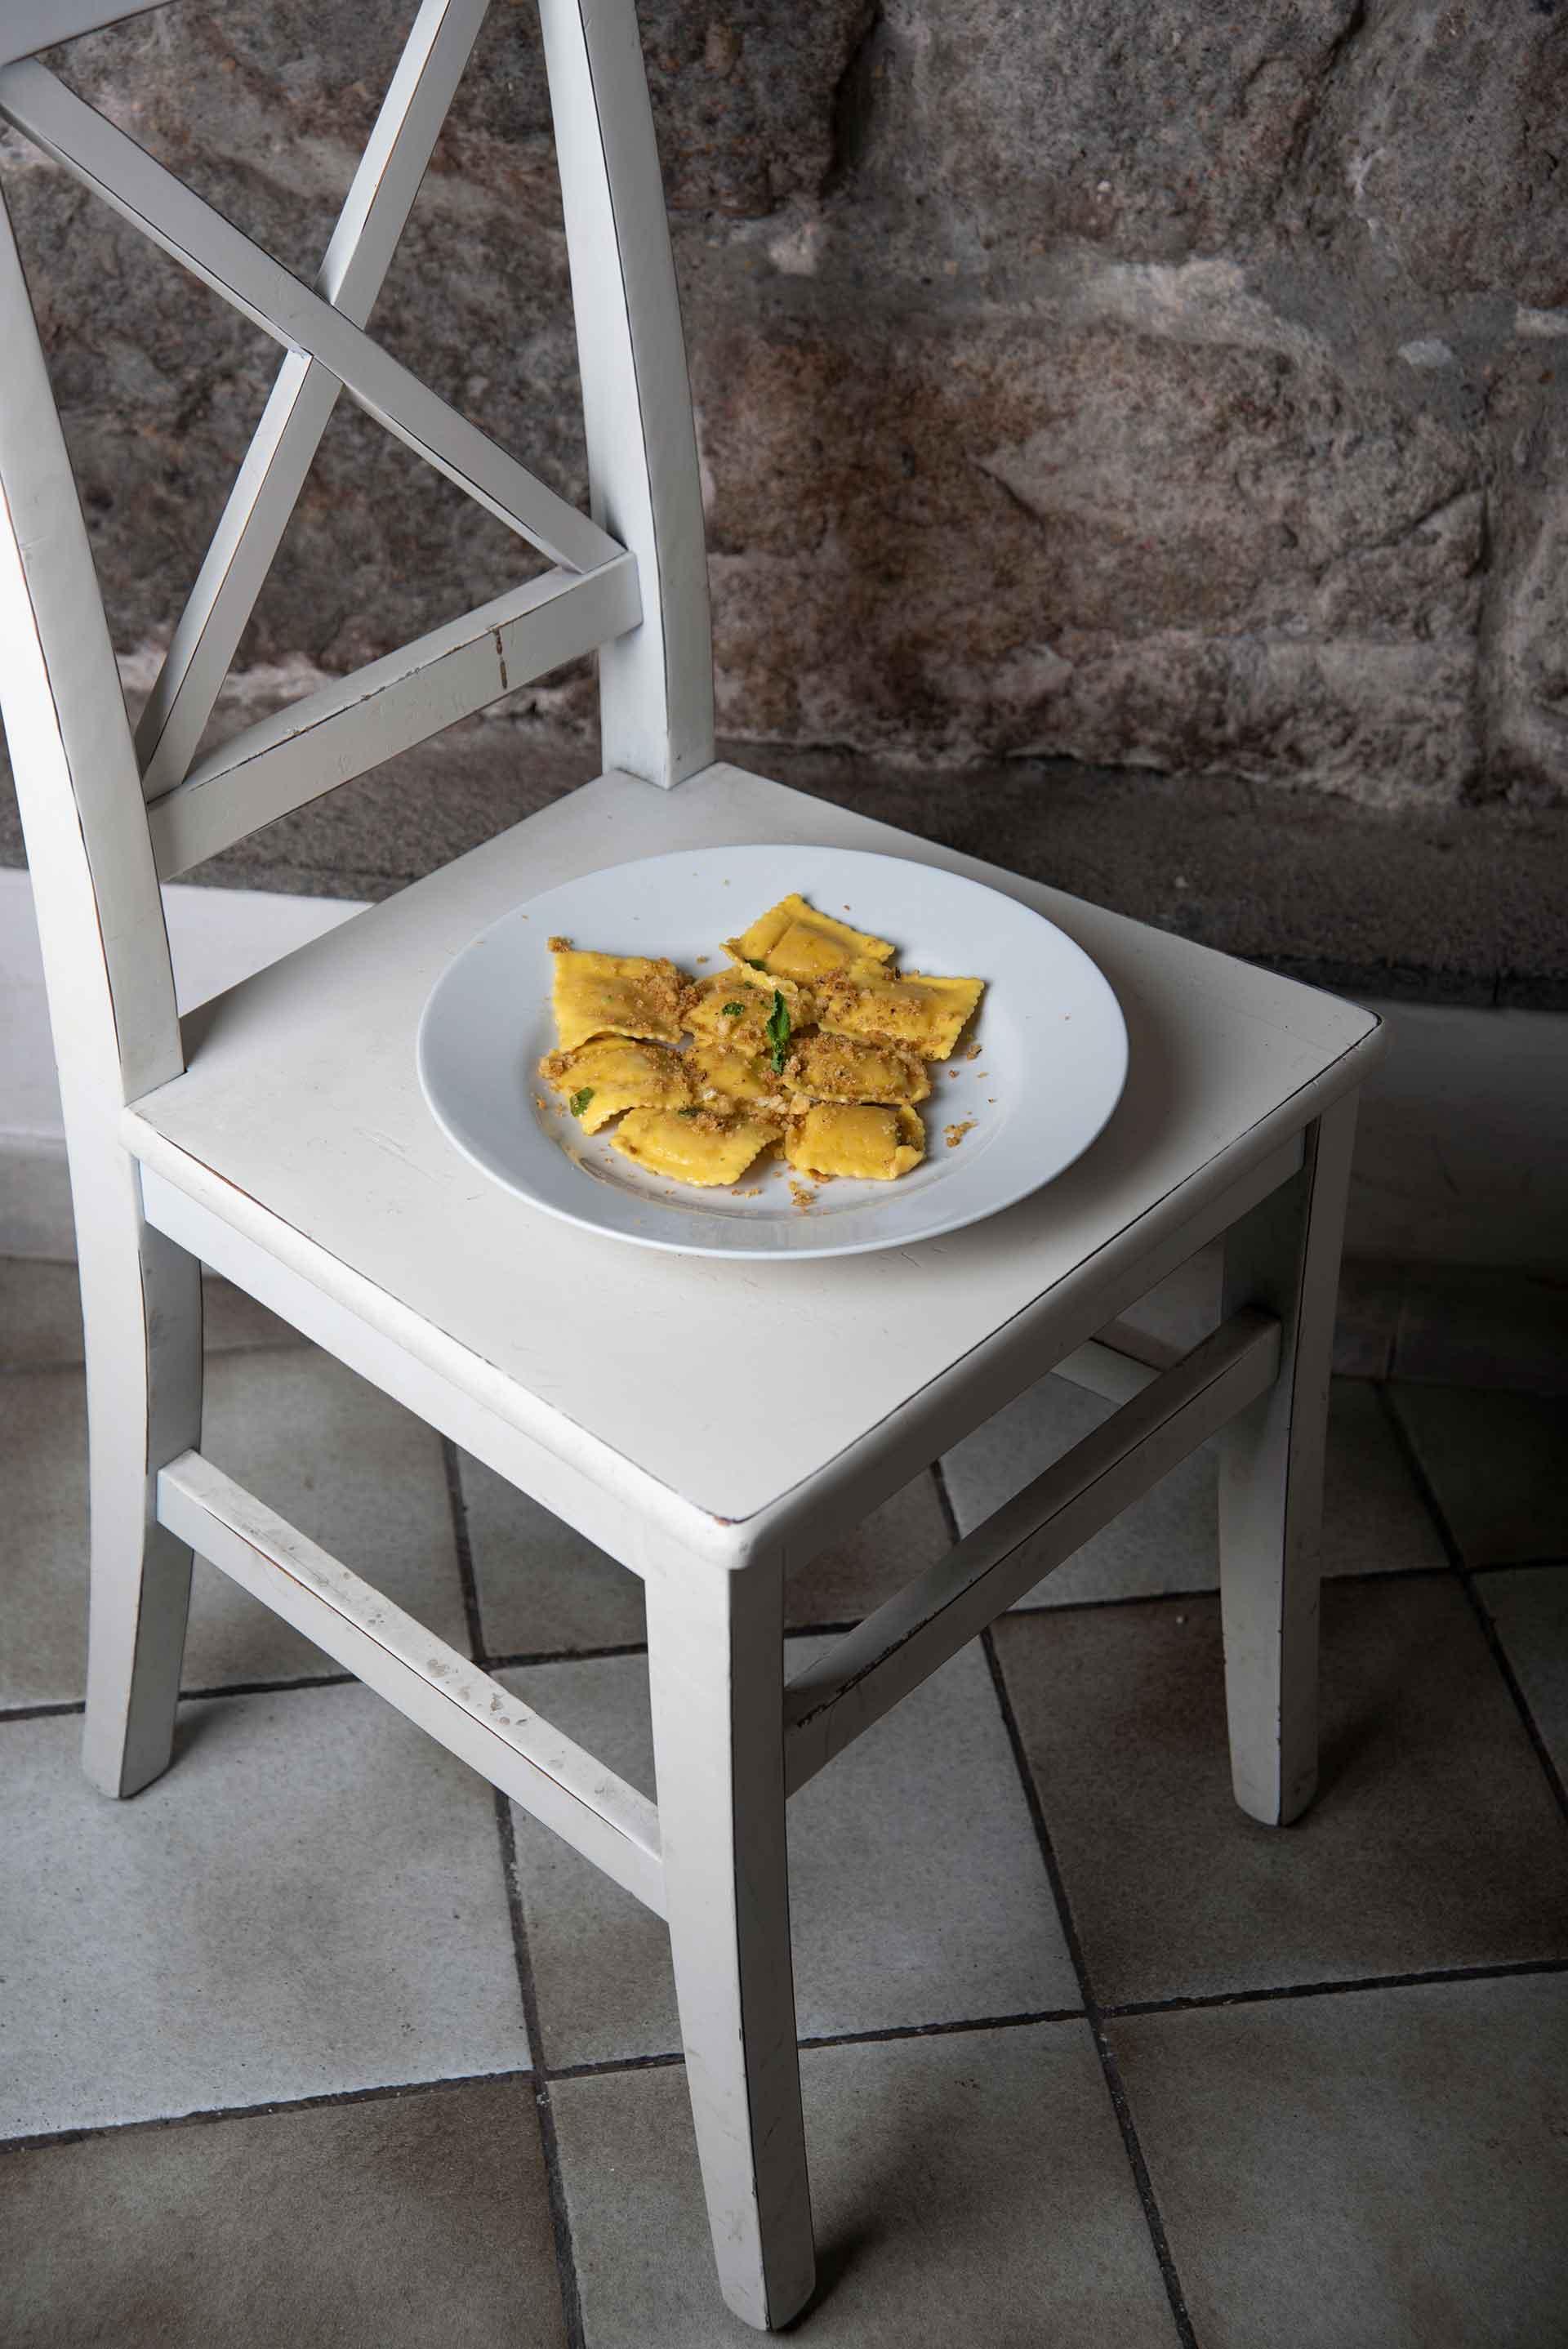 officina-visiva-ale&pepe-caliceelastella-felice-arletti-food